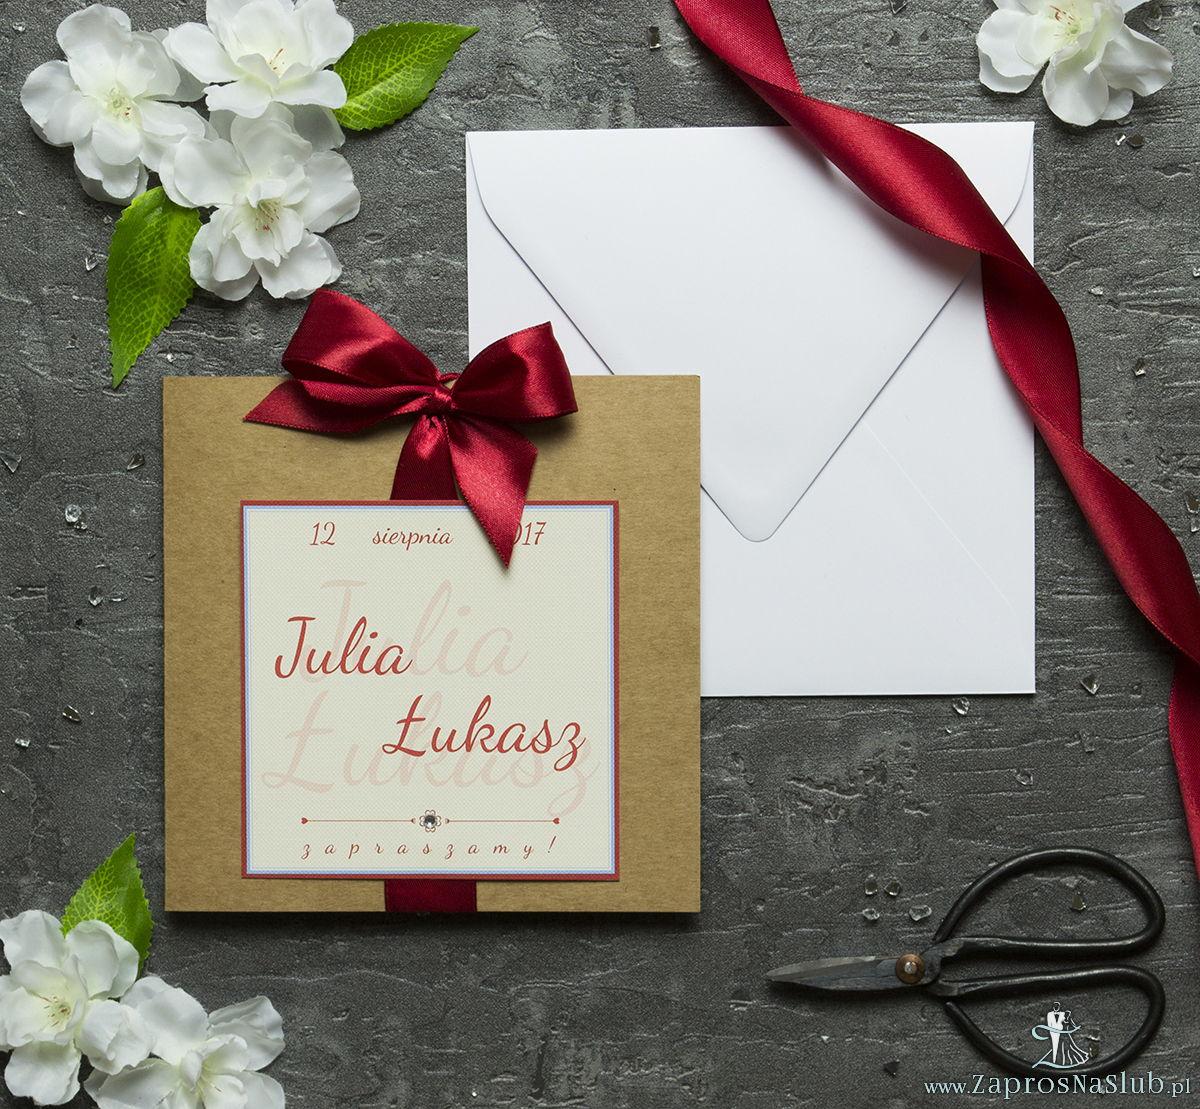 Zaproszenia ślubne na brązowym papierze ekologicznym, ze wstążką w kolorze ciemnej czerwieni i cyrkonią oraz wklejanym wnętrzem. ZAP-61-77